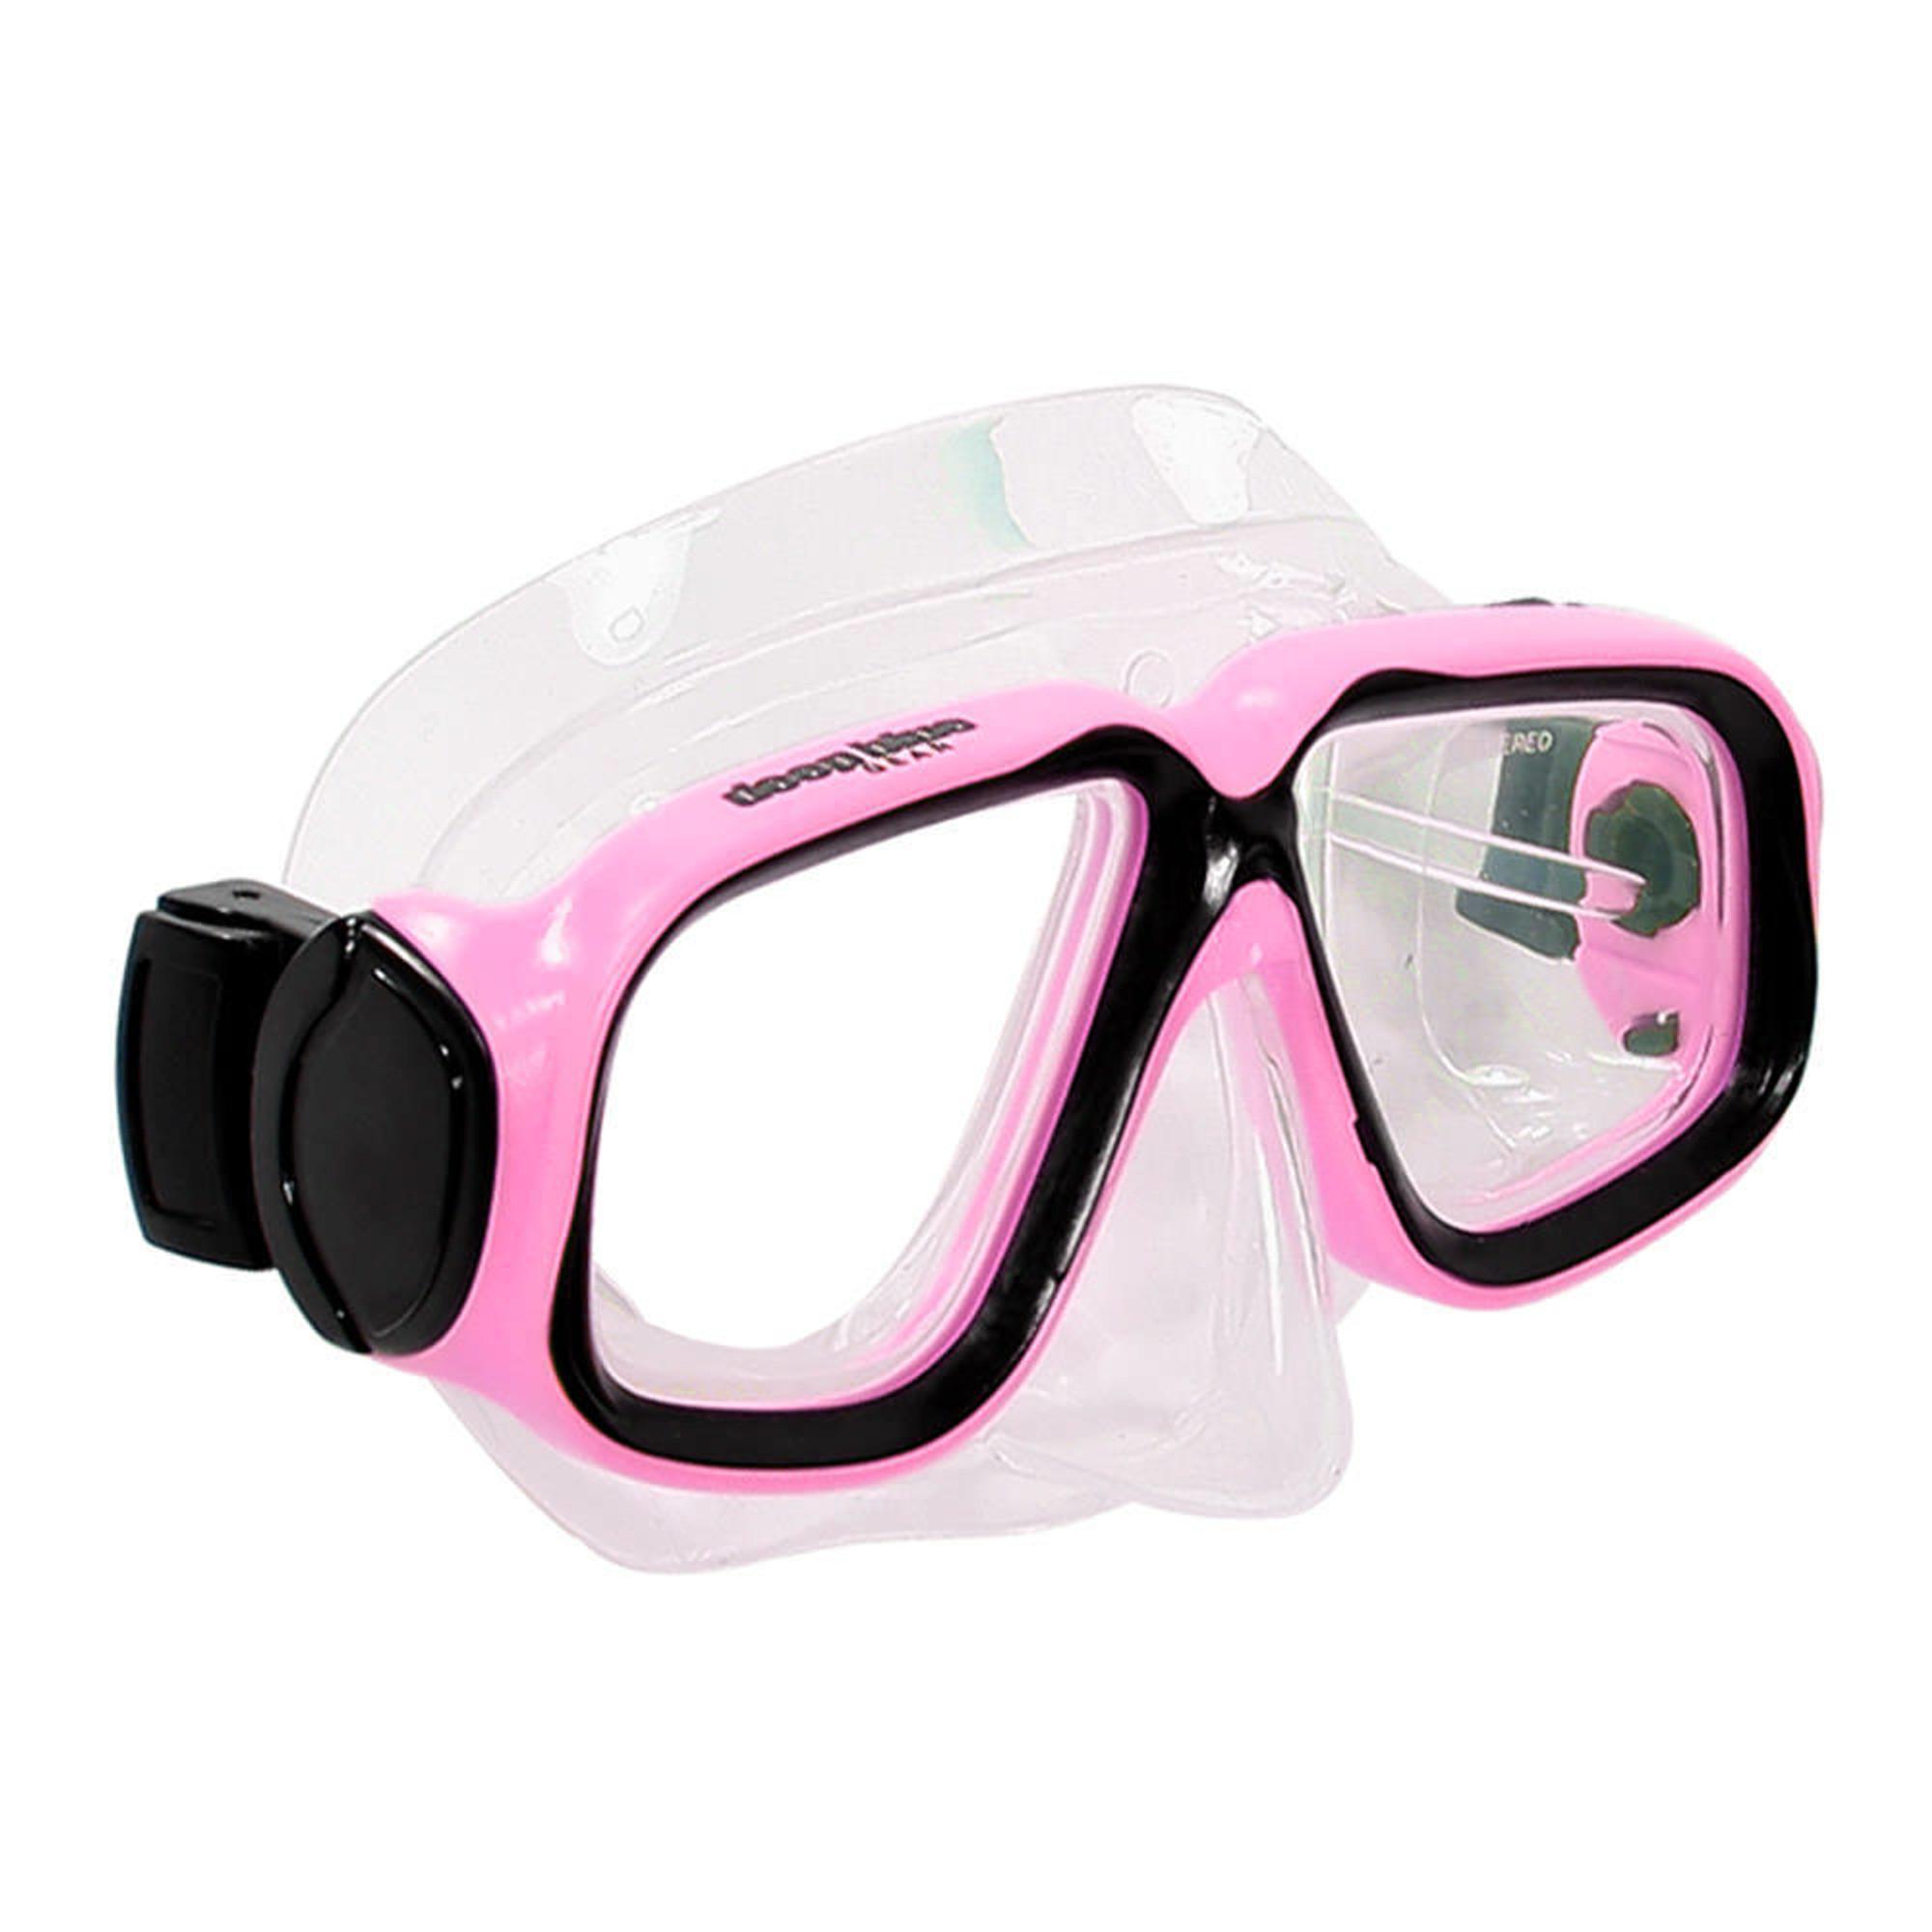 cab68d8983 ... Maui Junior - Kid s Prescription Diving Snorkeling Mask by Deep Blue  Gear